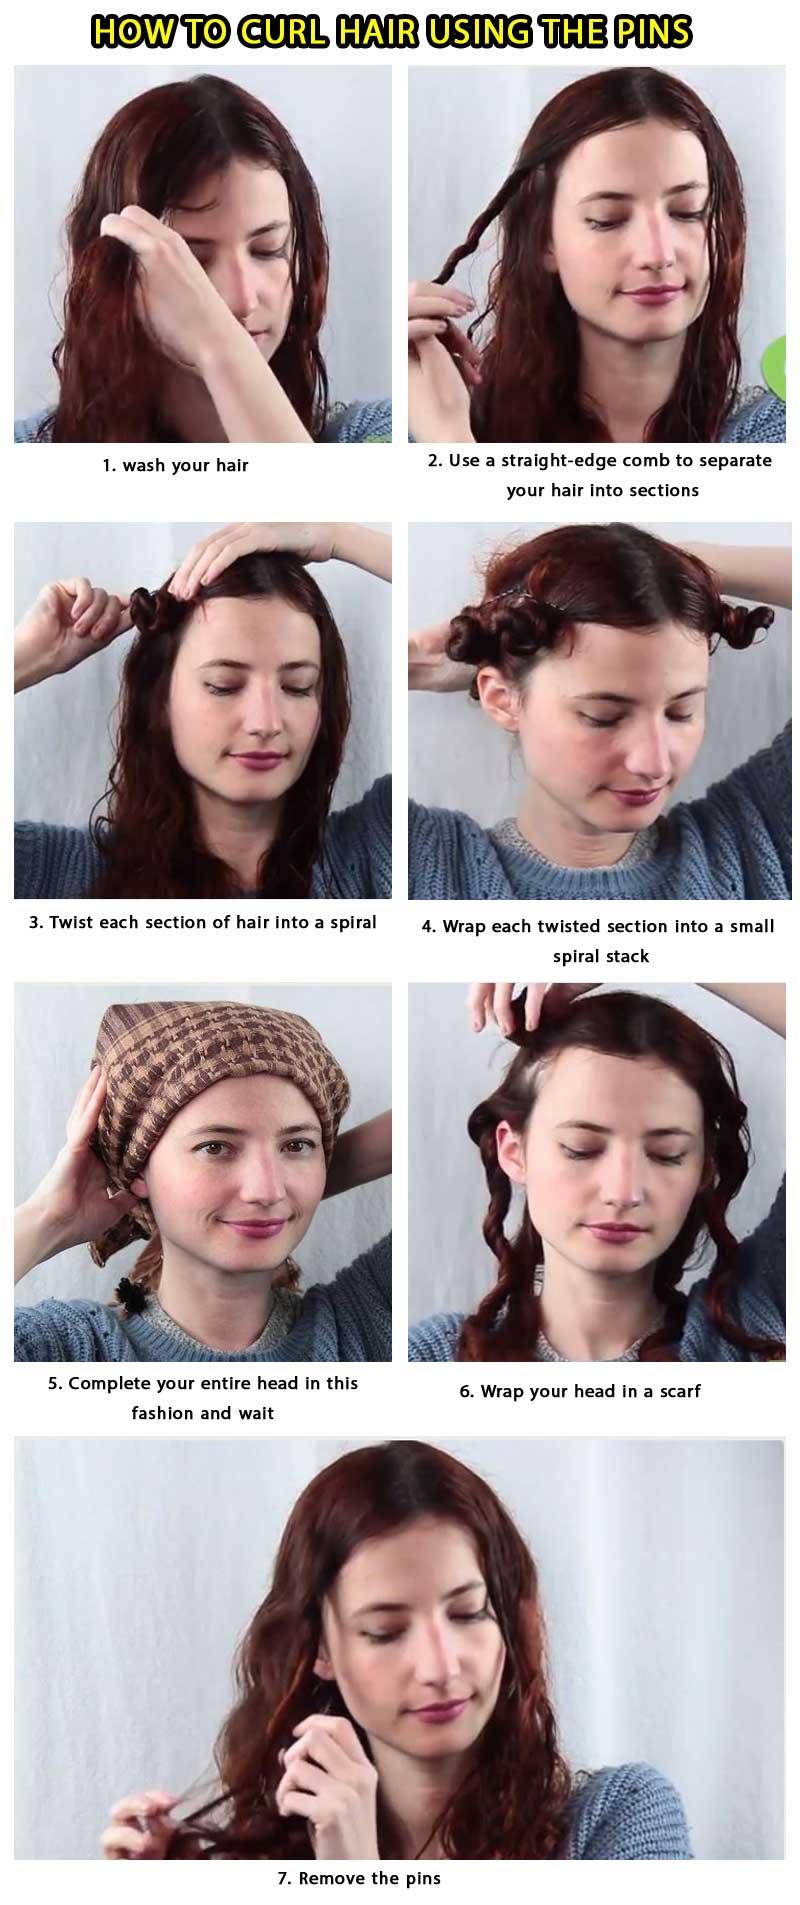 make curl hair using pins